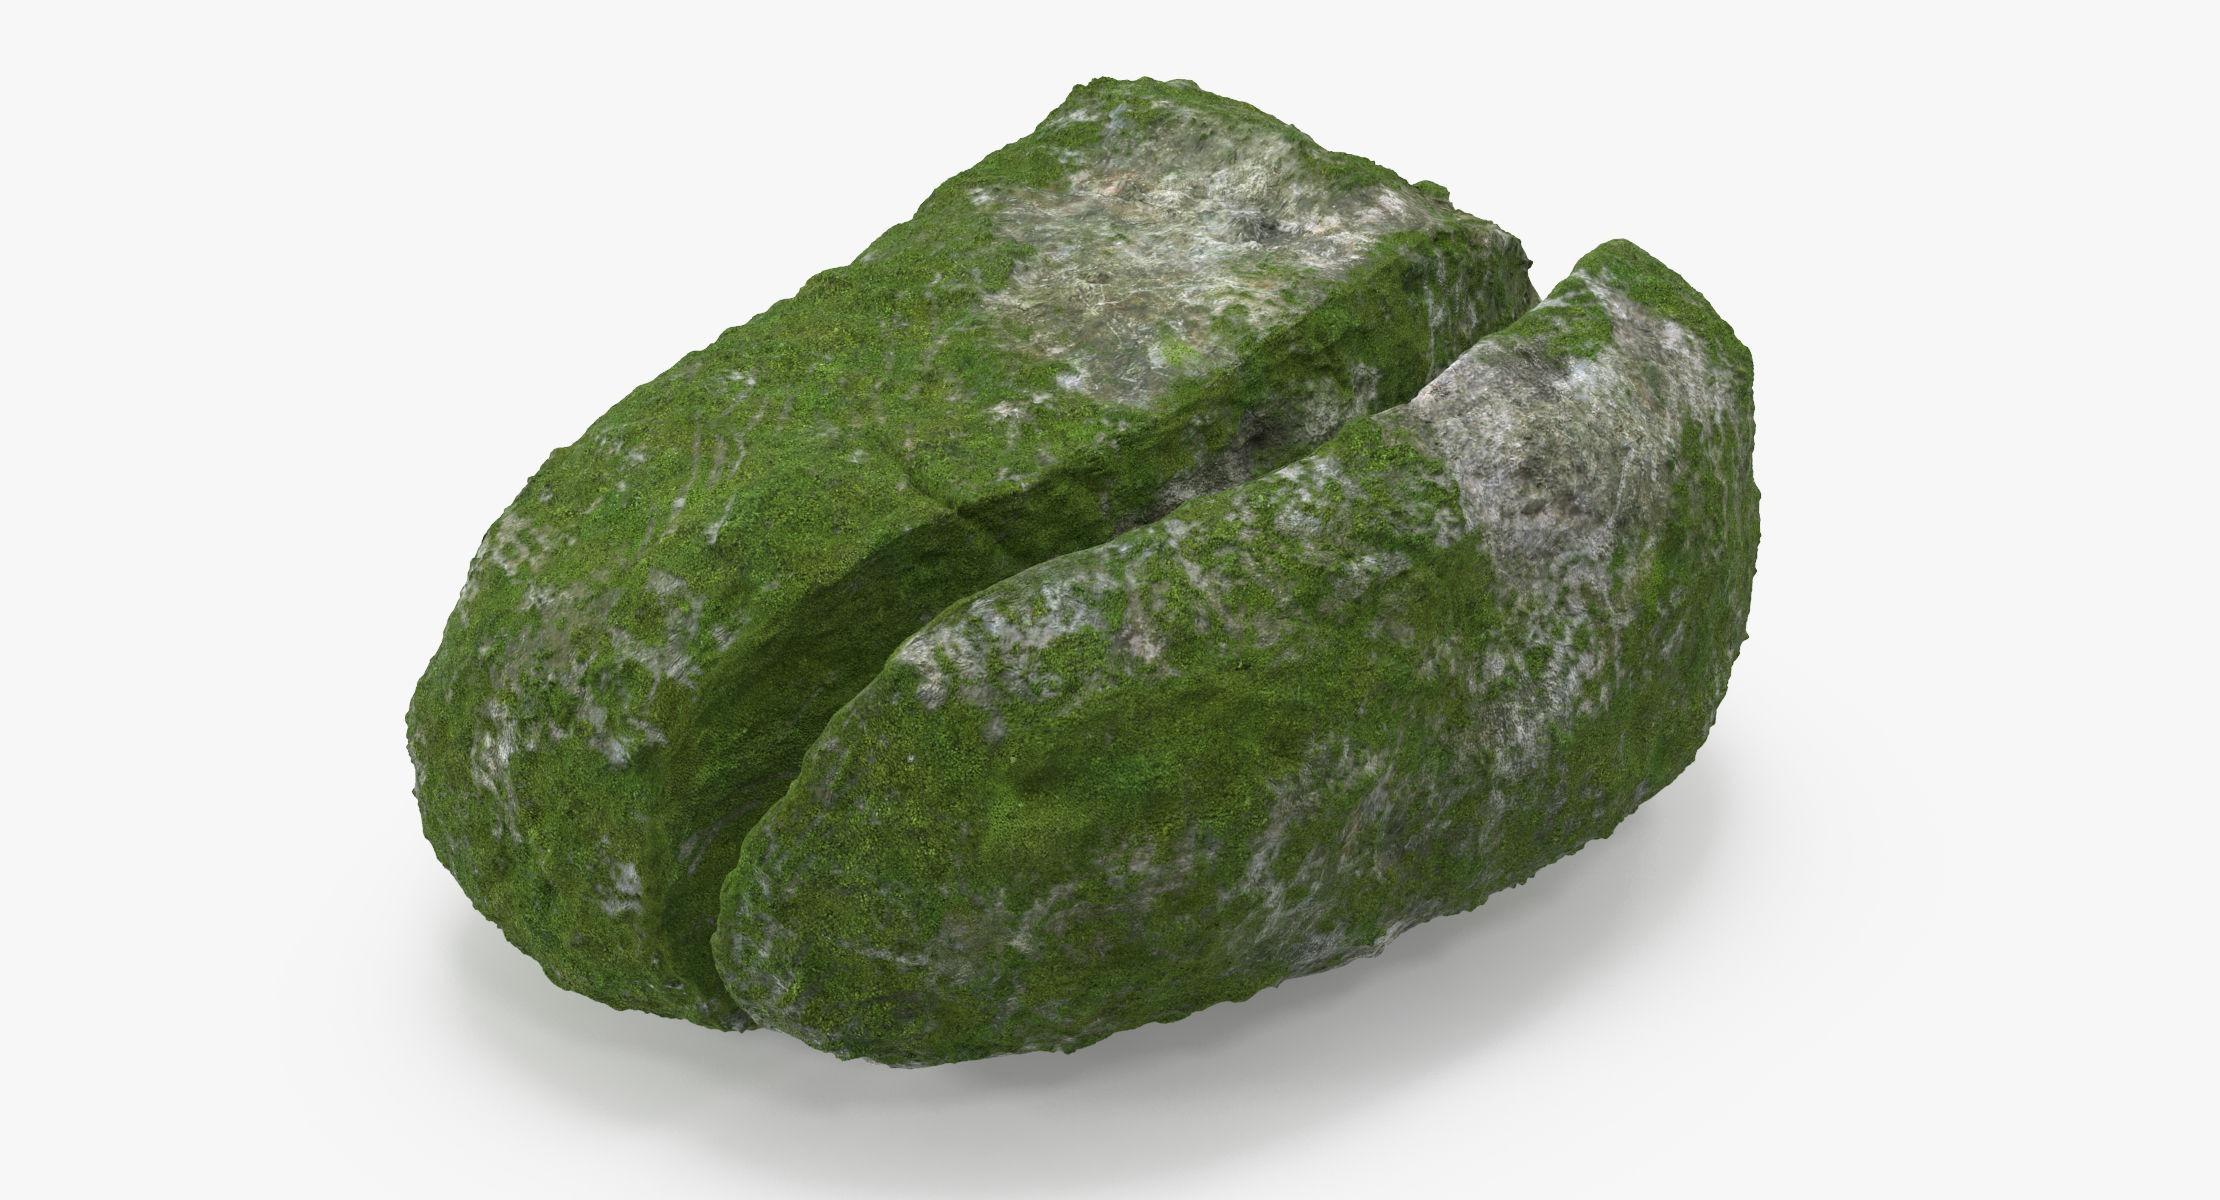 Mossy Rock 02 - reel 1